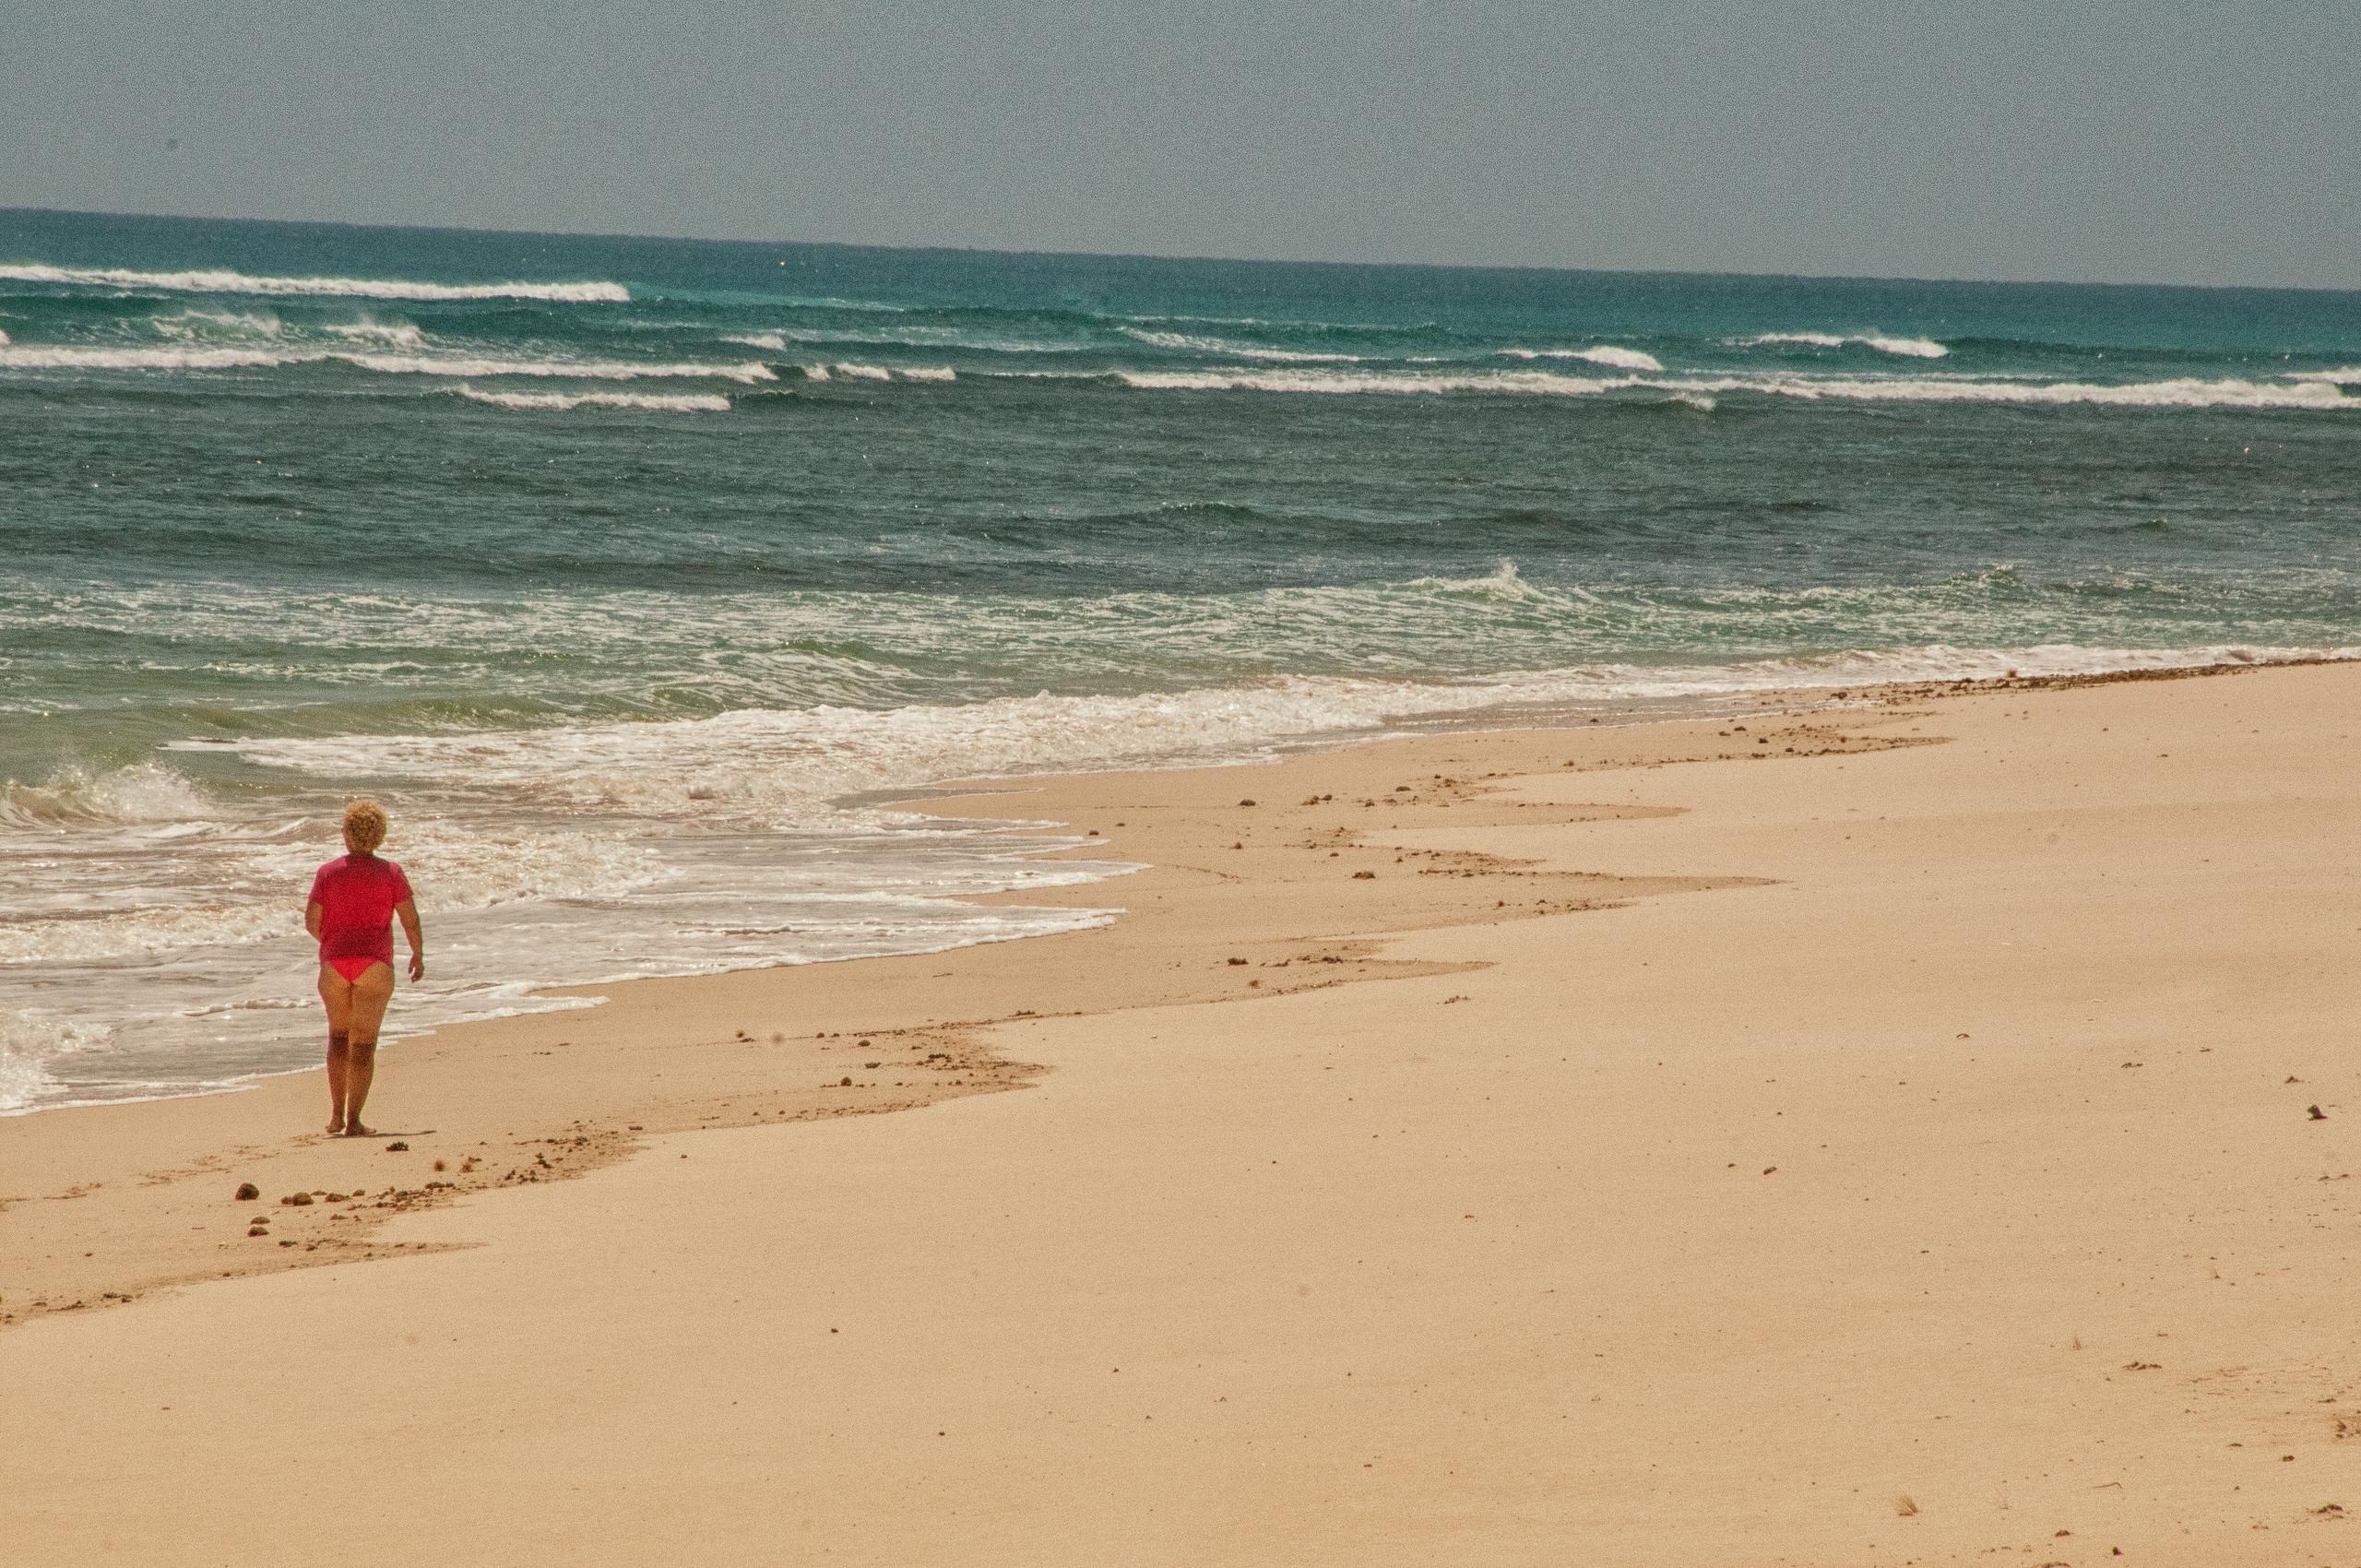 Chris on the beach